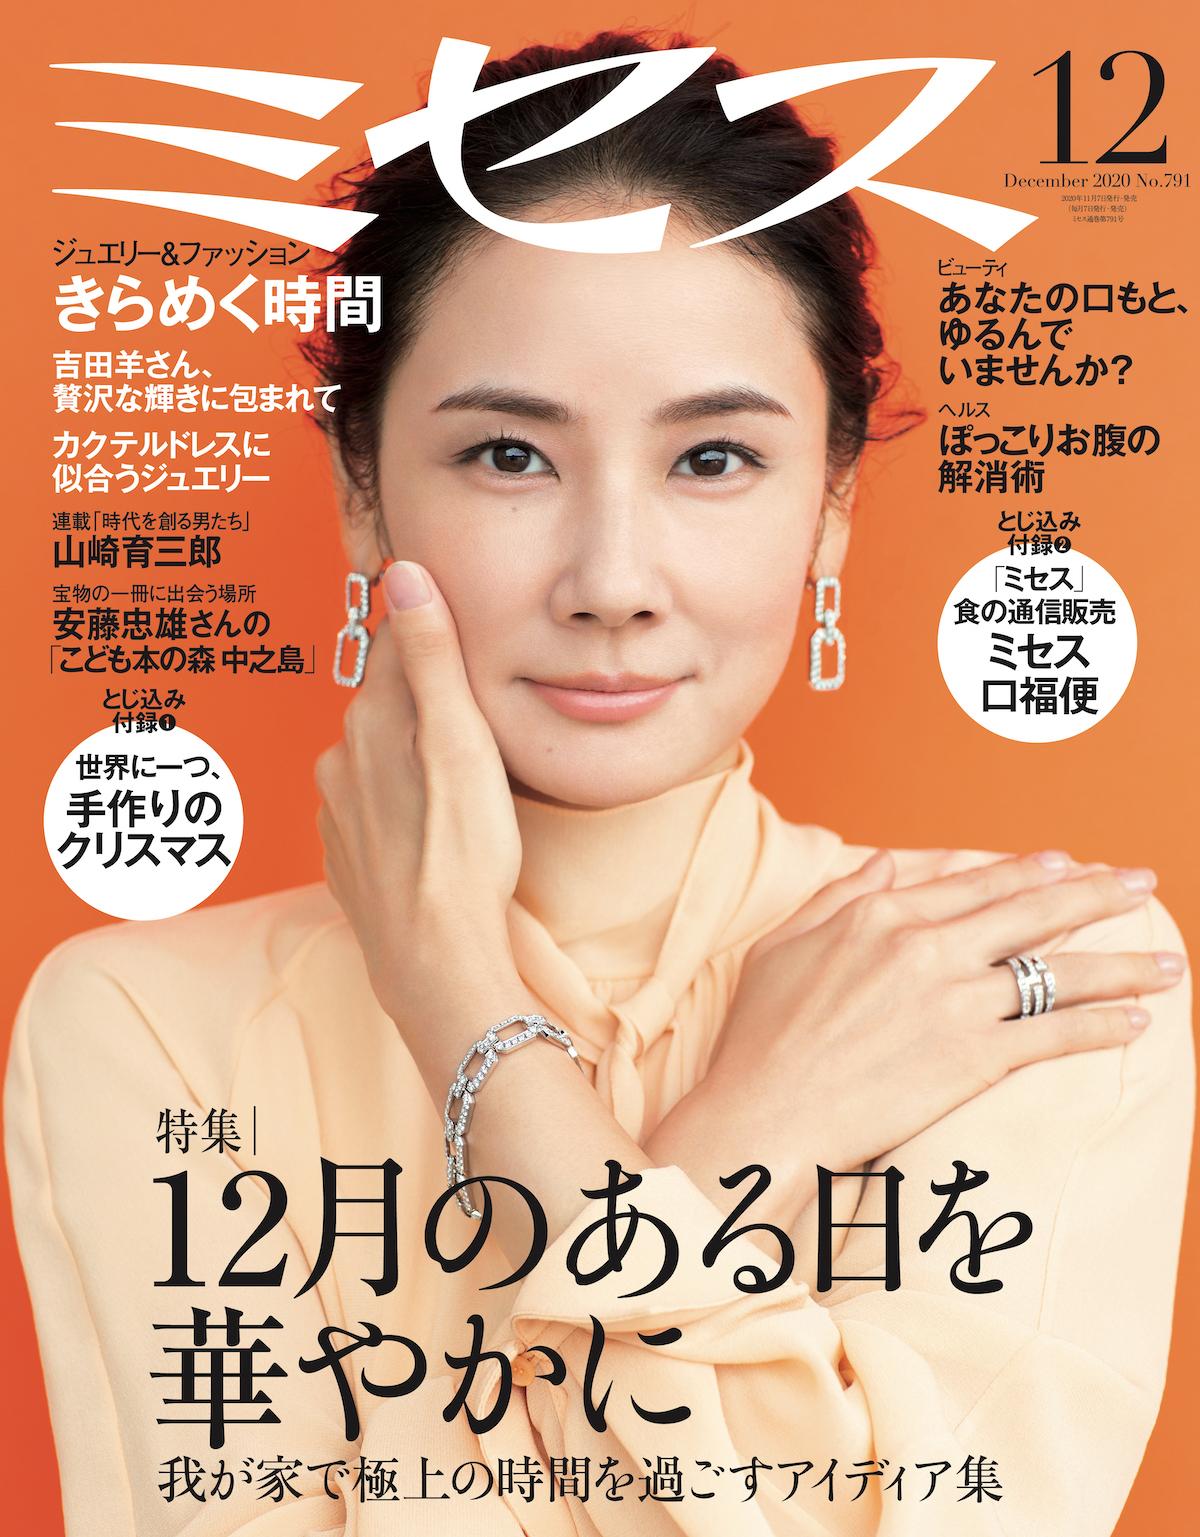 女性誌「ミセス」が休刊 60年の歴史に幕 | WWDJAPAN